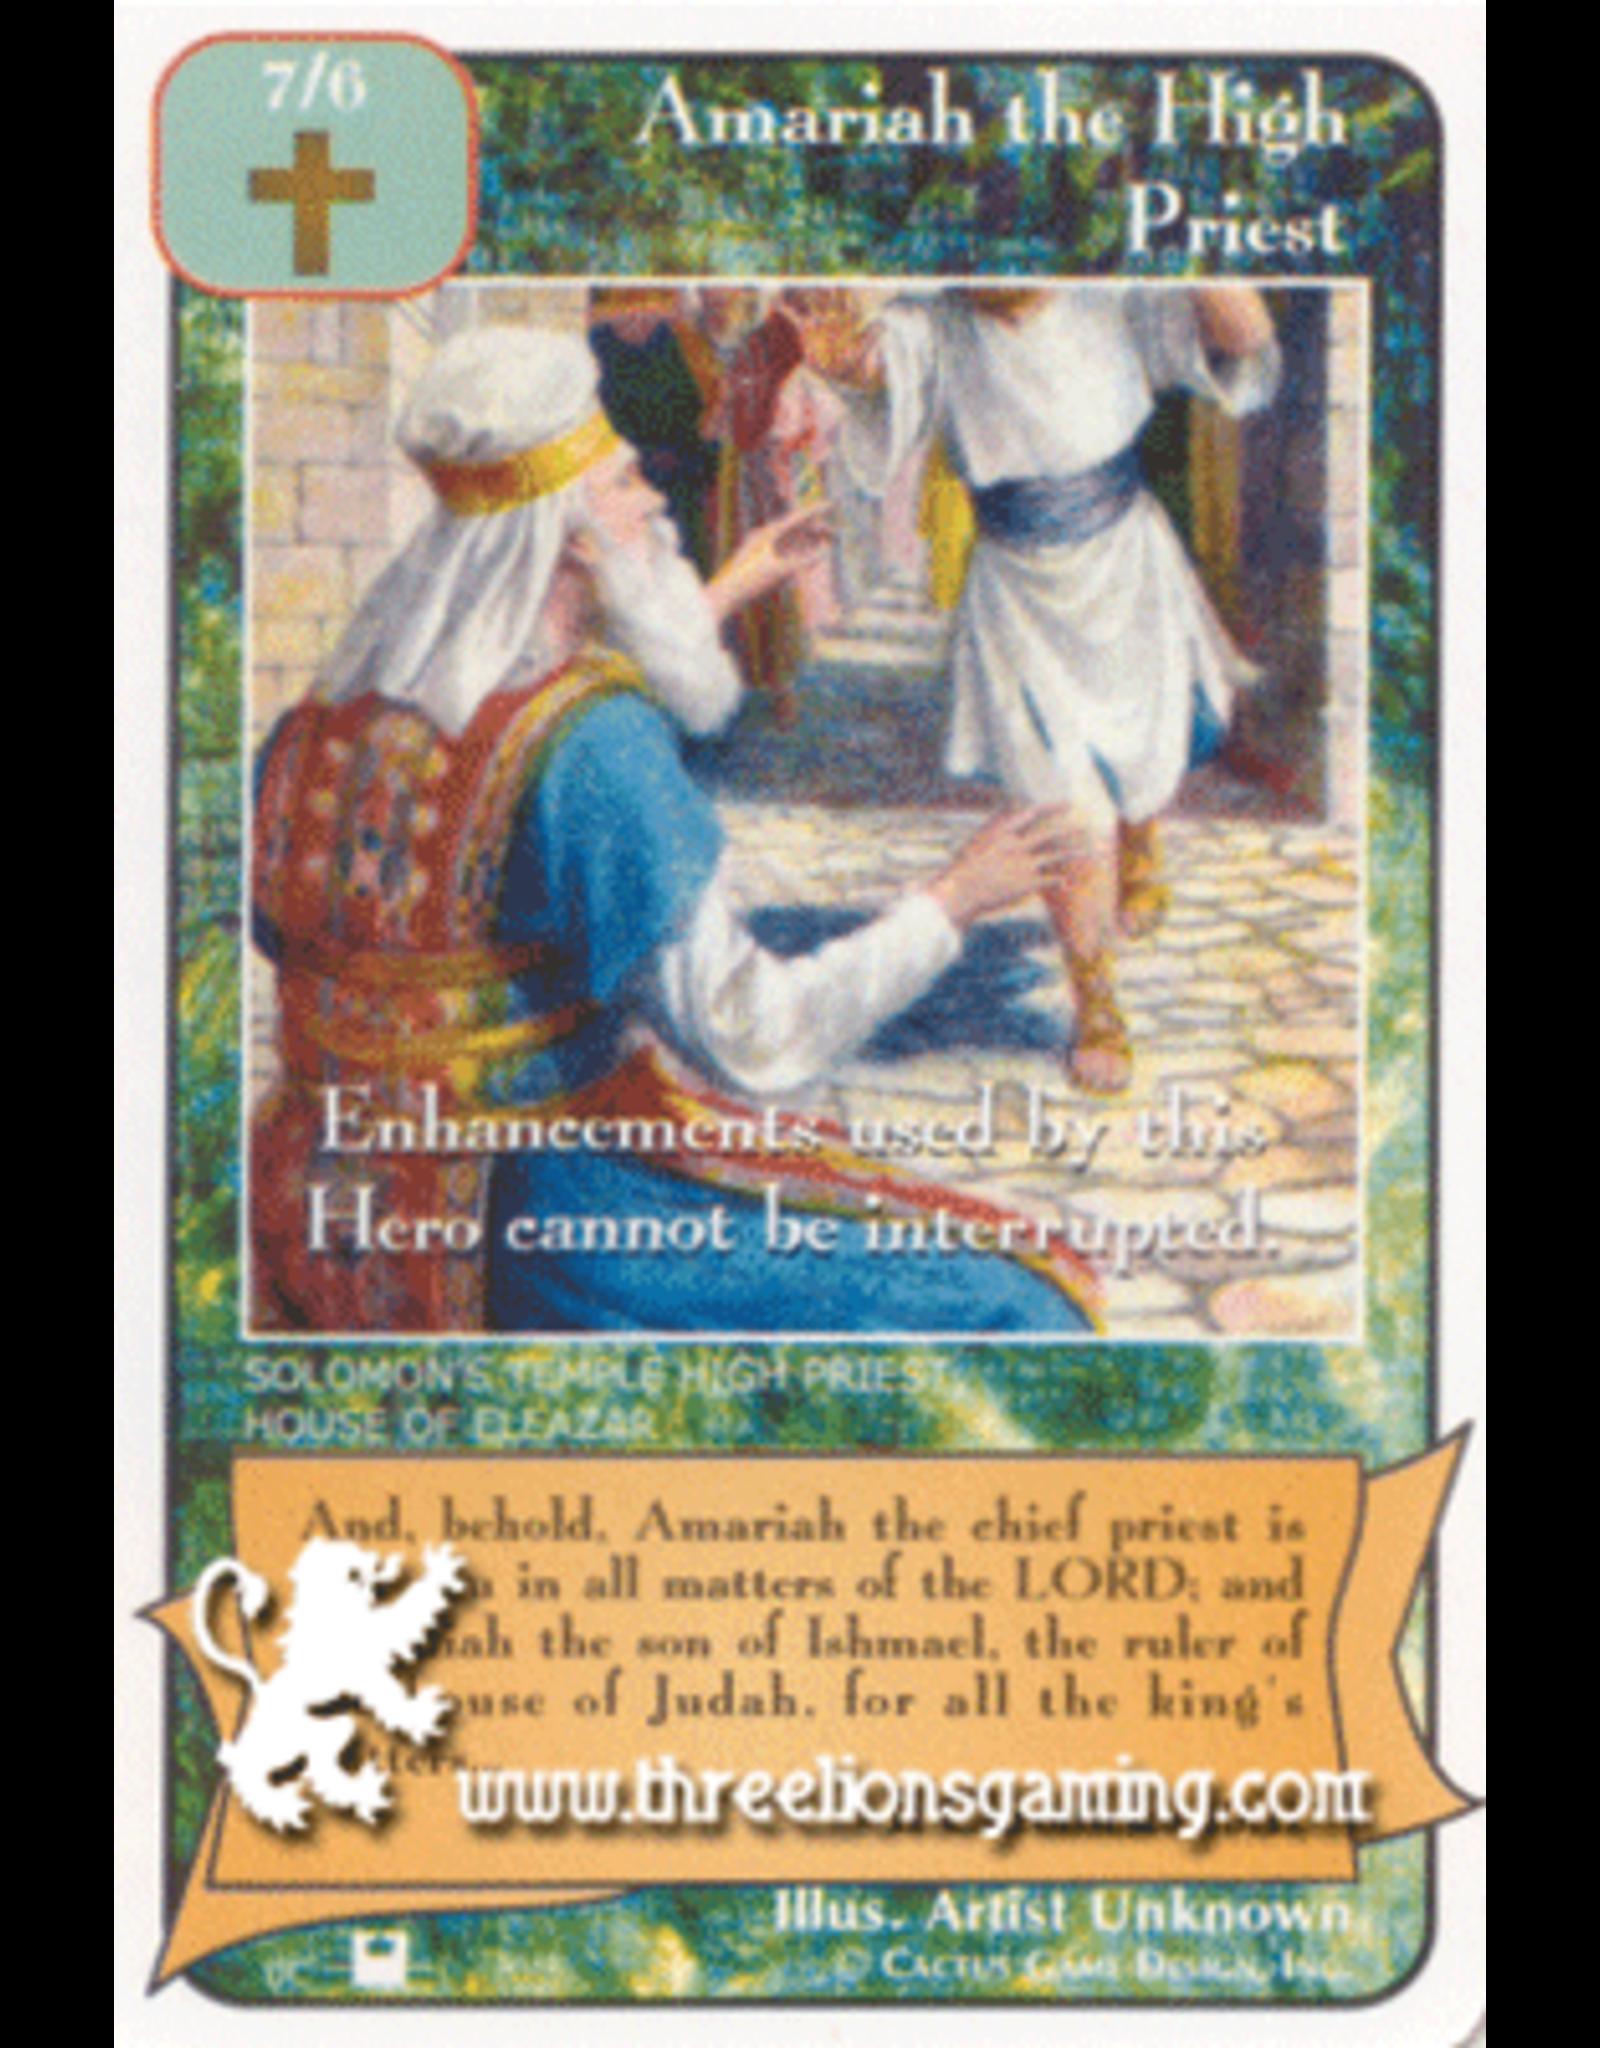 Priests: Amariah the High Priest